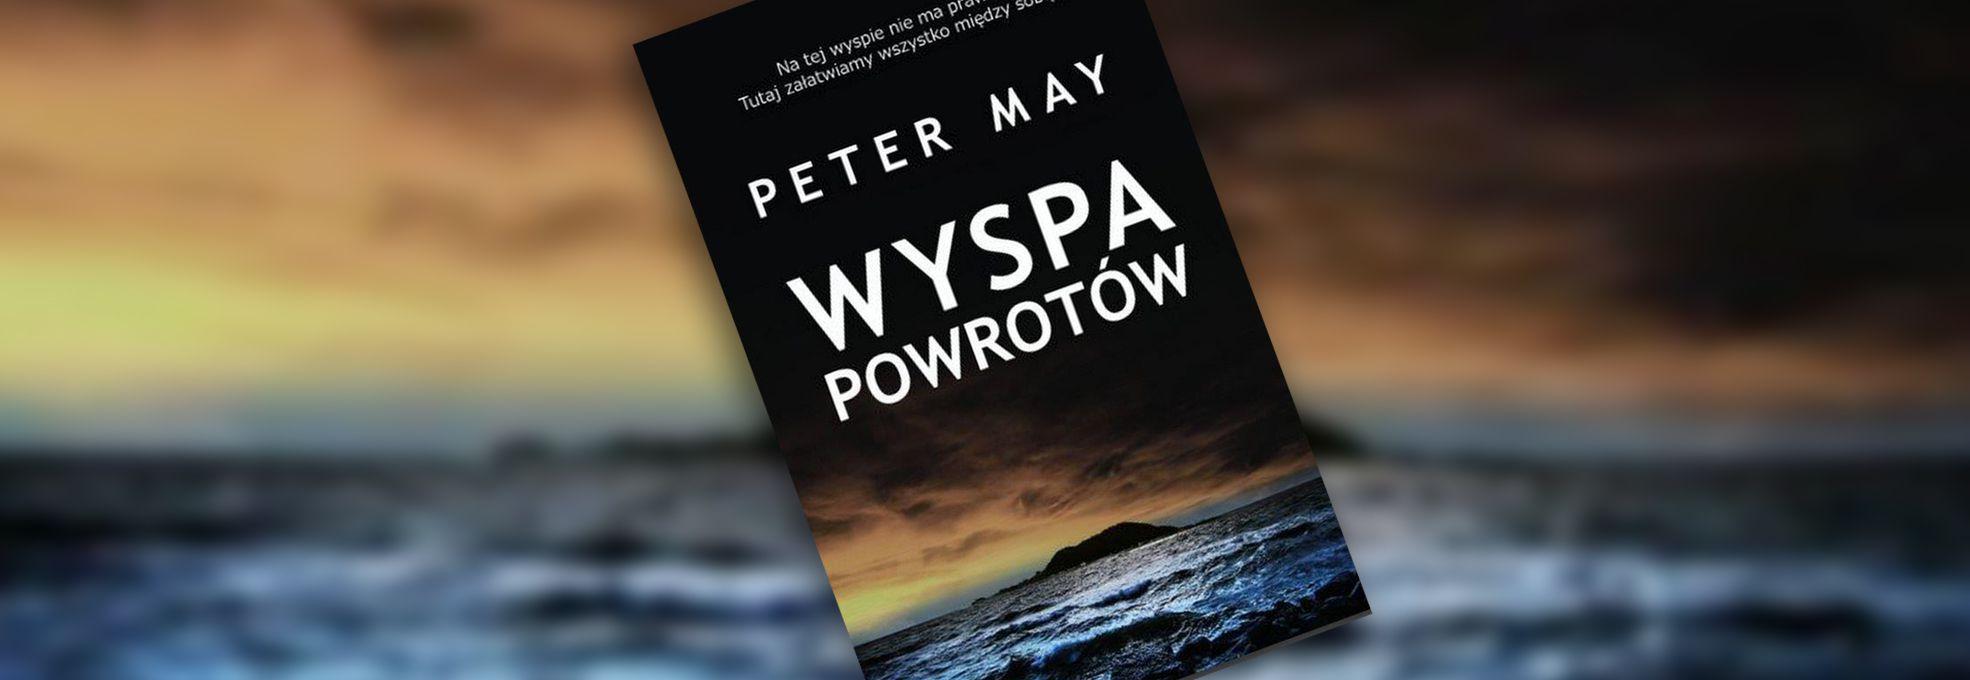 Peter May – autor, dzięki któremu już na zawsze pokochasz Szkocję i szkockie wyspy